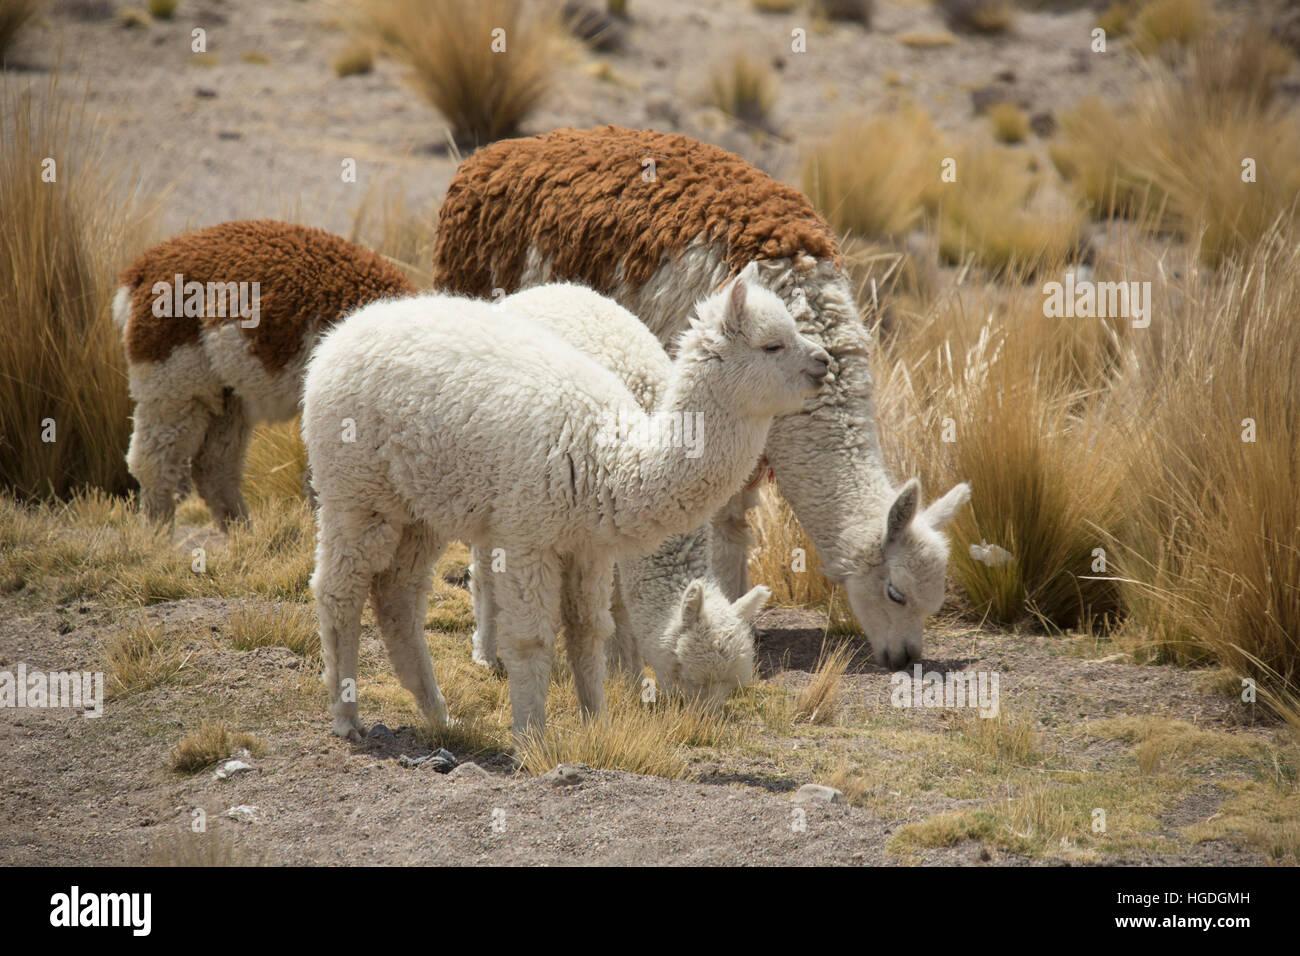 Alpacas in the Zona de Vicunas, - Stock Image